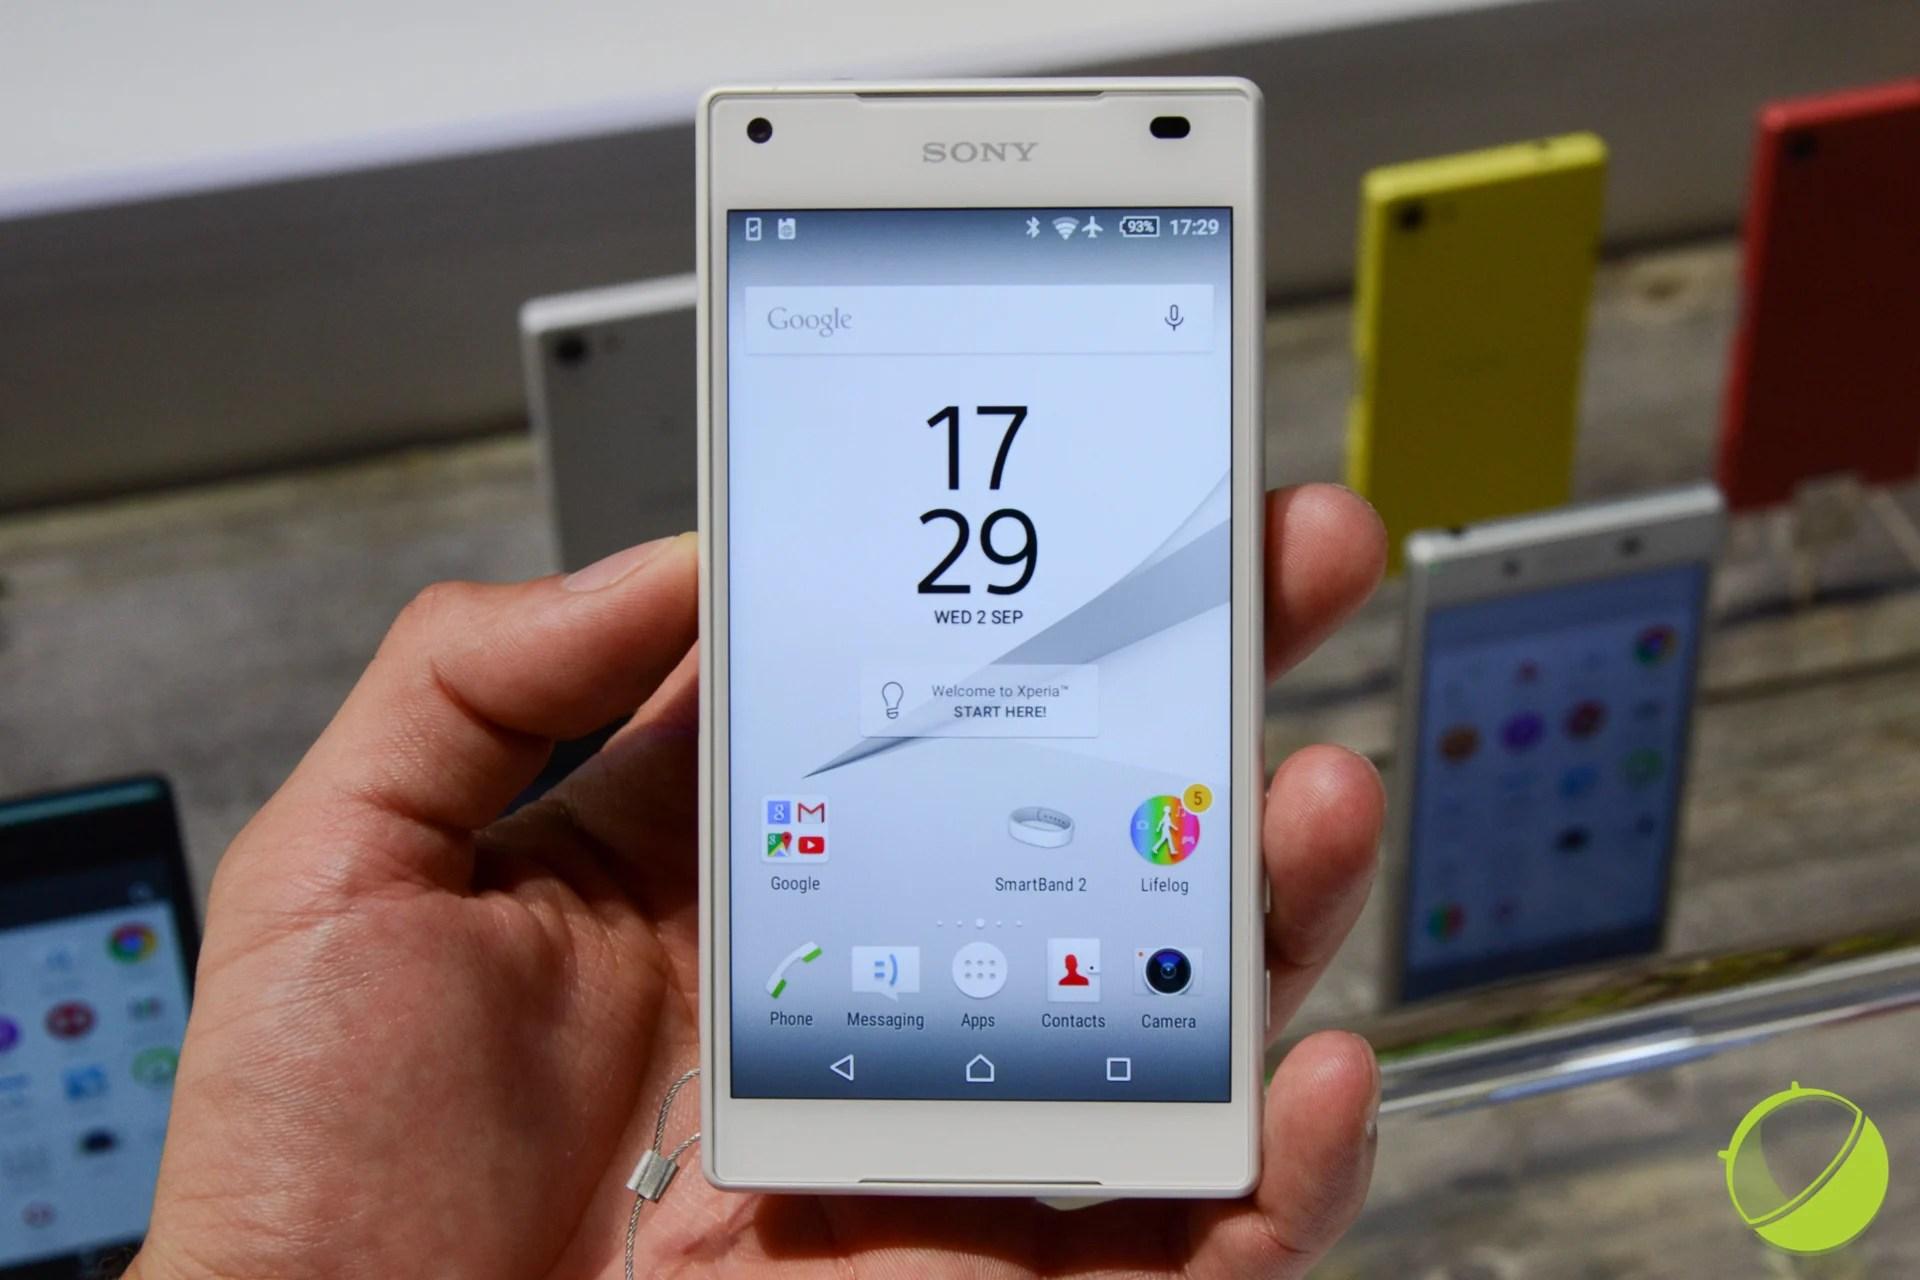 Xperia Z5 Compact : Sony promet de régler les problèmes d'écran tactile